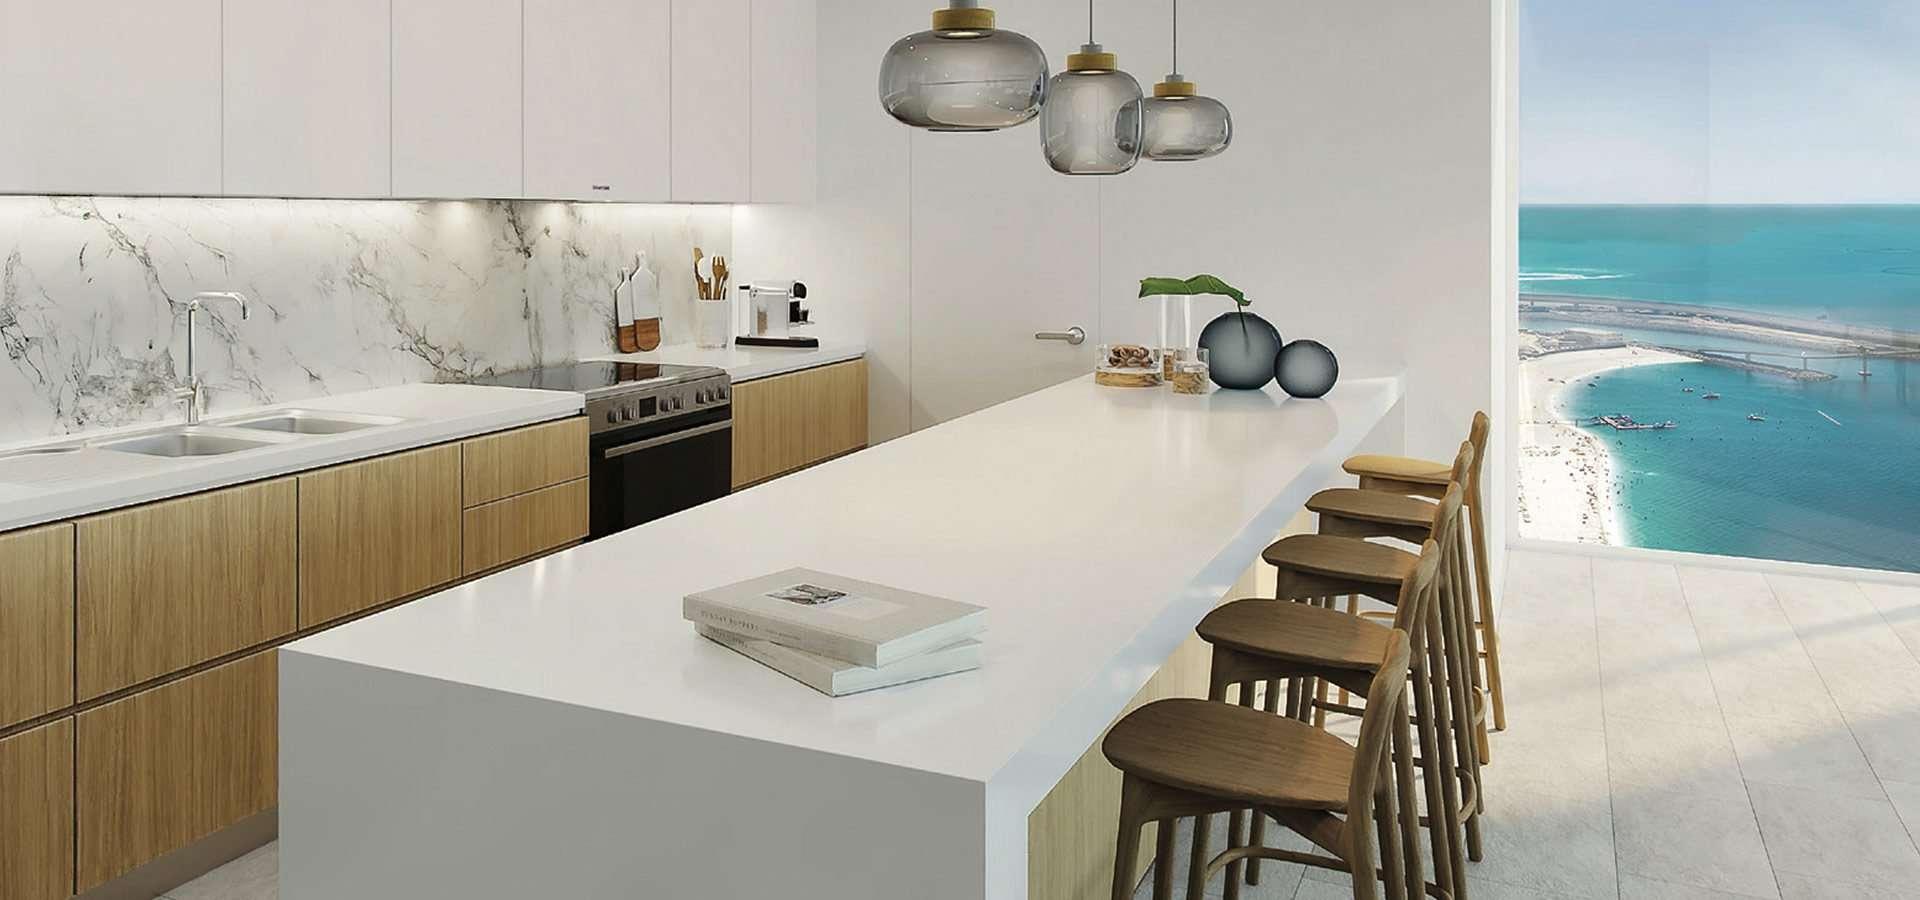 La Vie Apartments (2-Bedroom) JBR